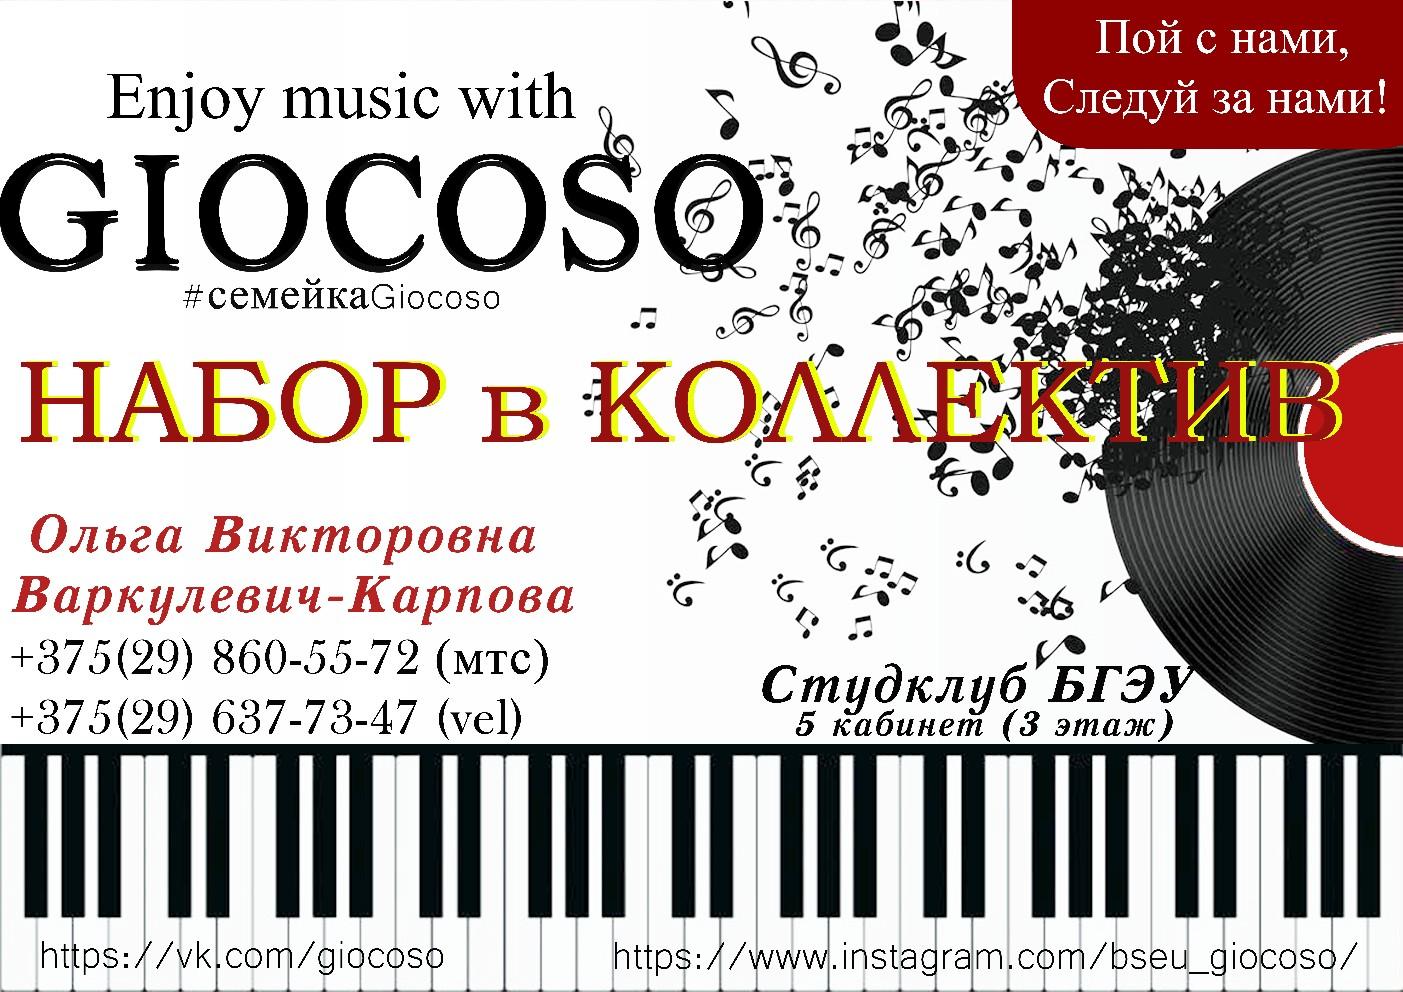 Открой музыку с Giocoso